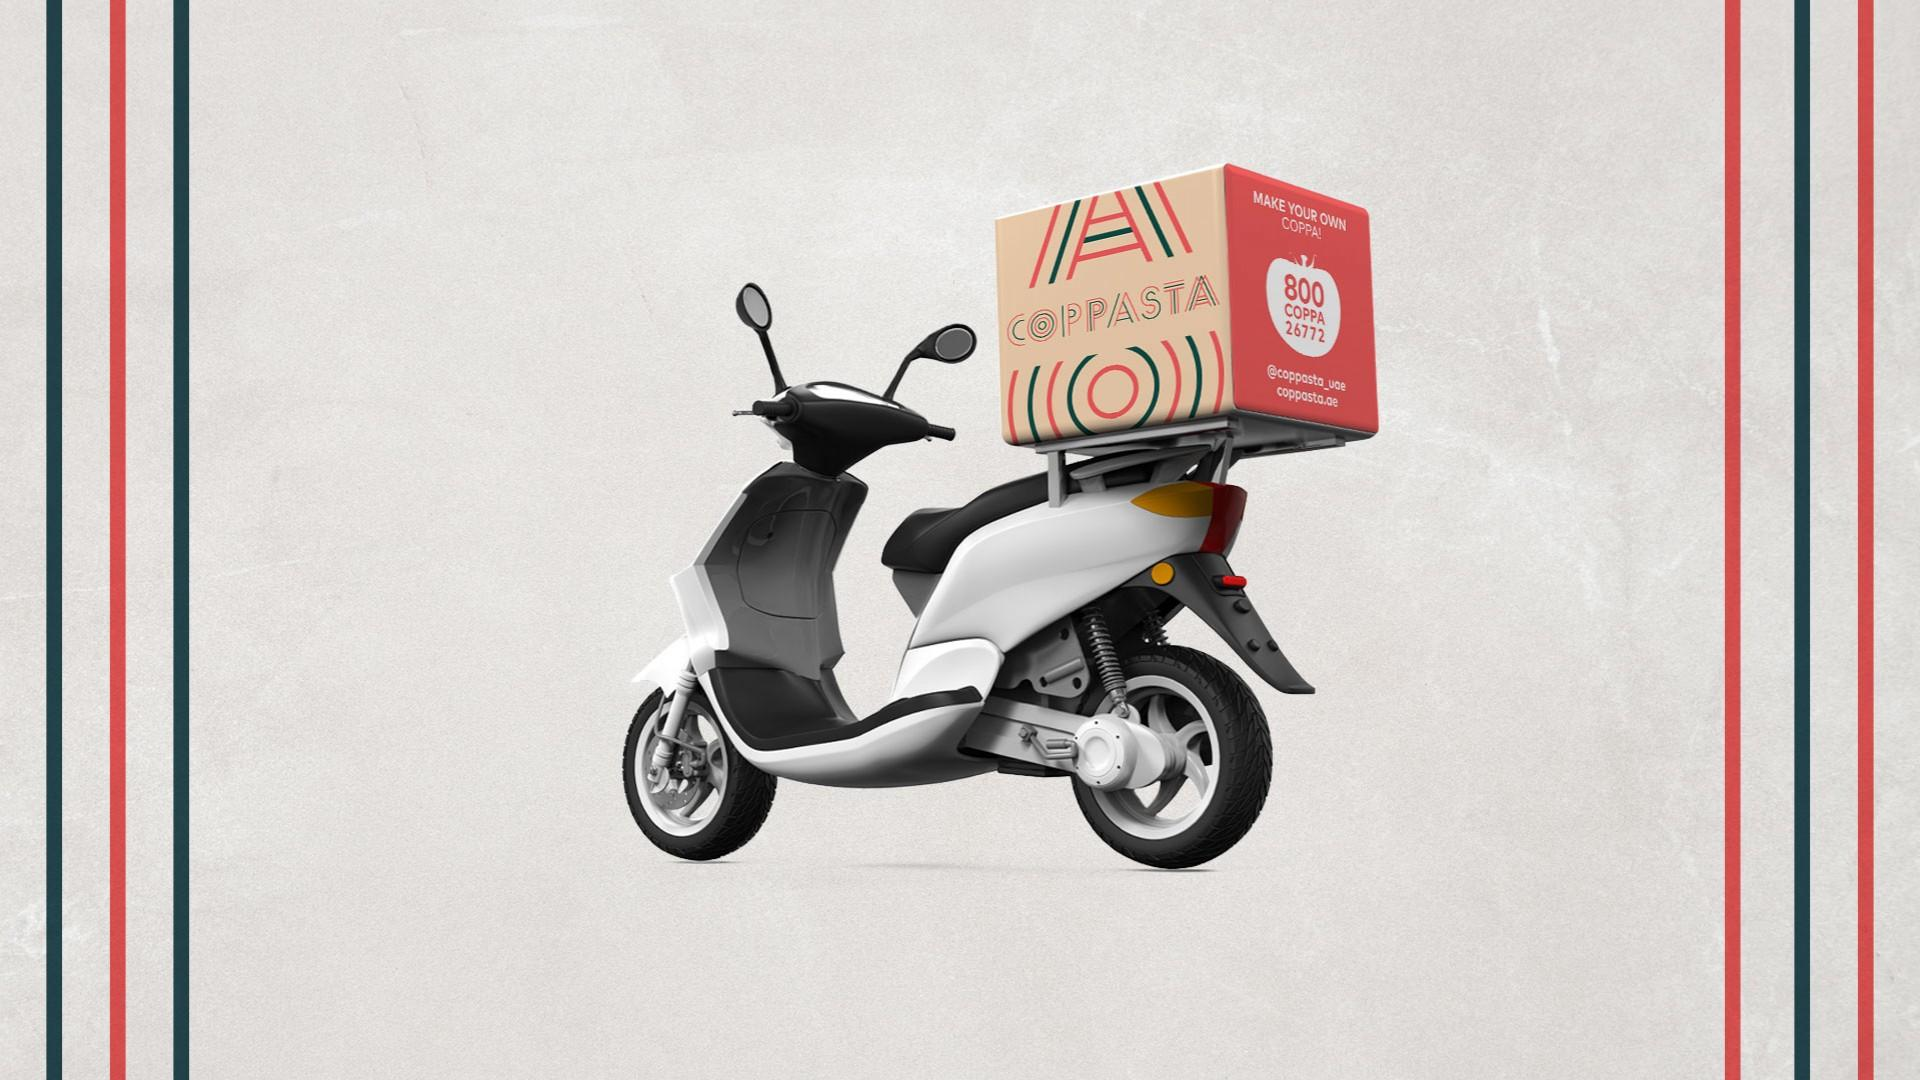 Coppasta_Bikebox